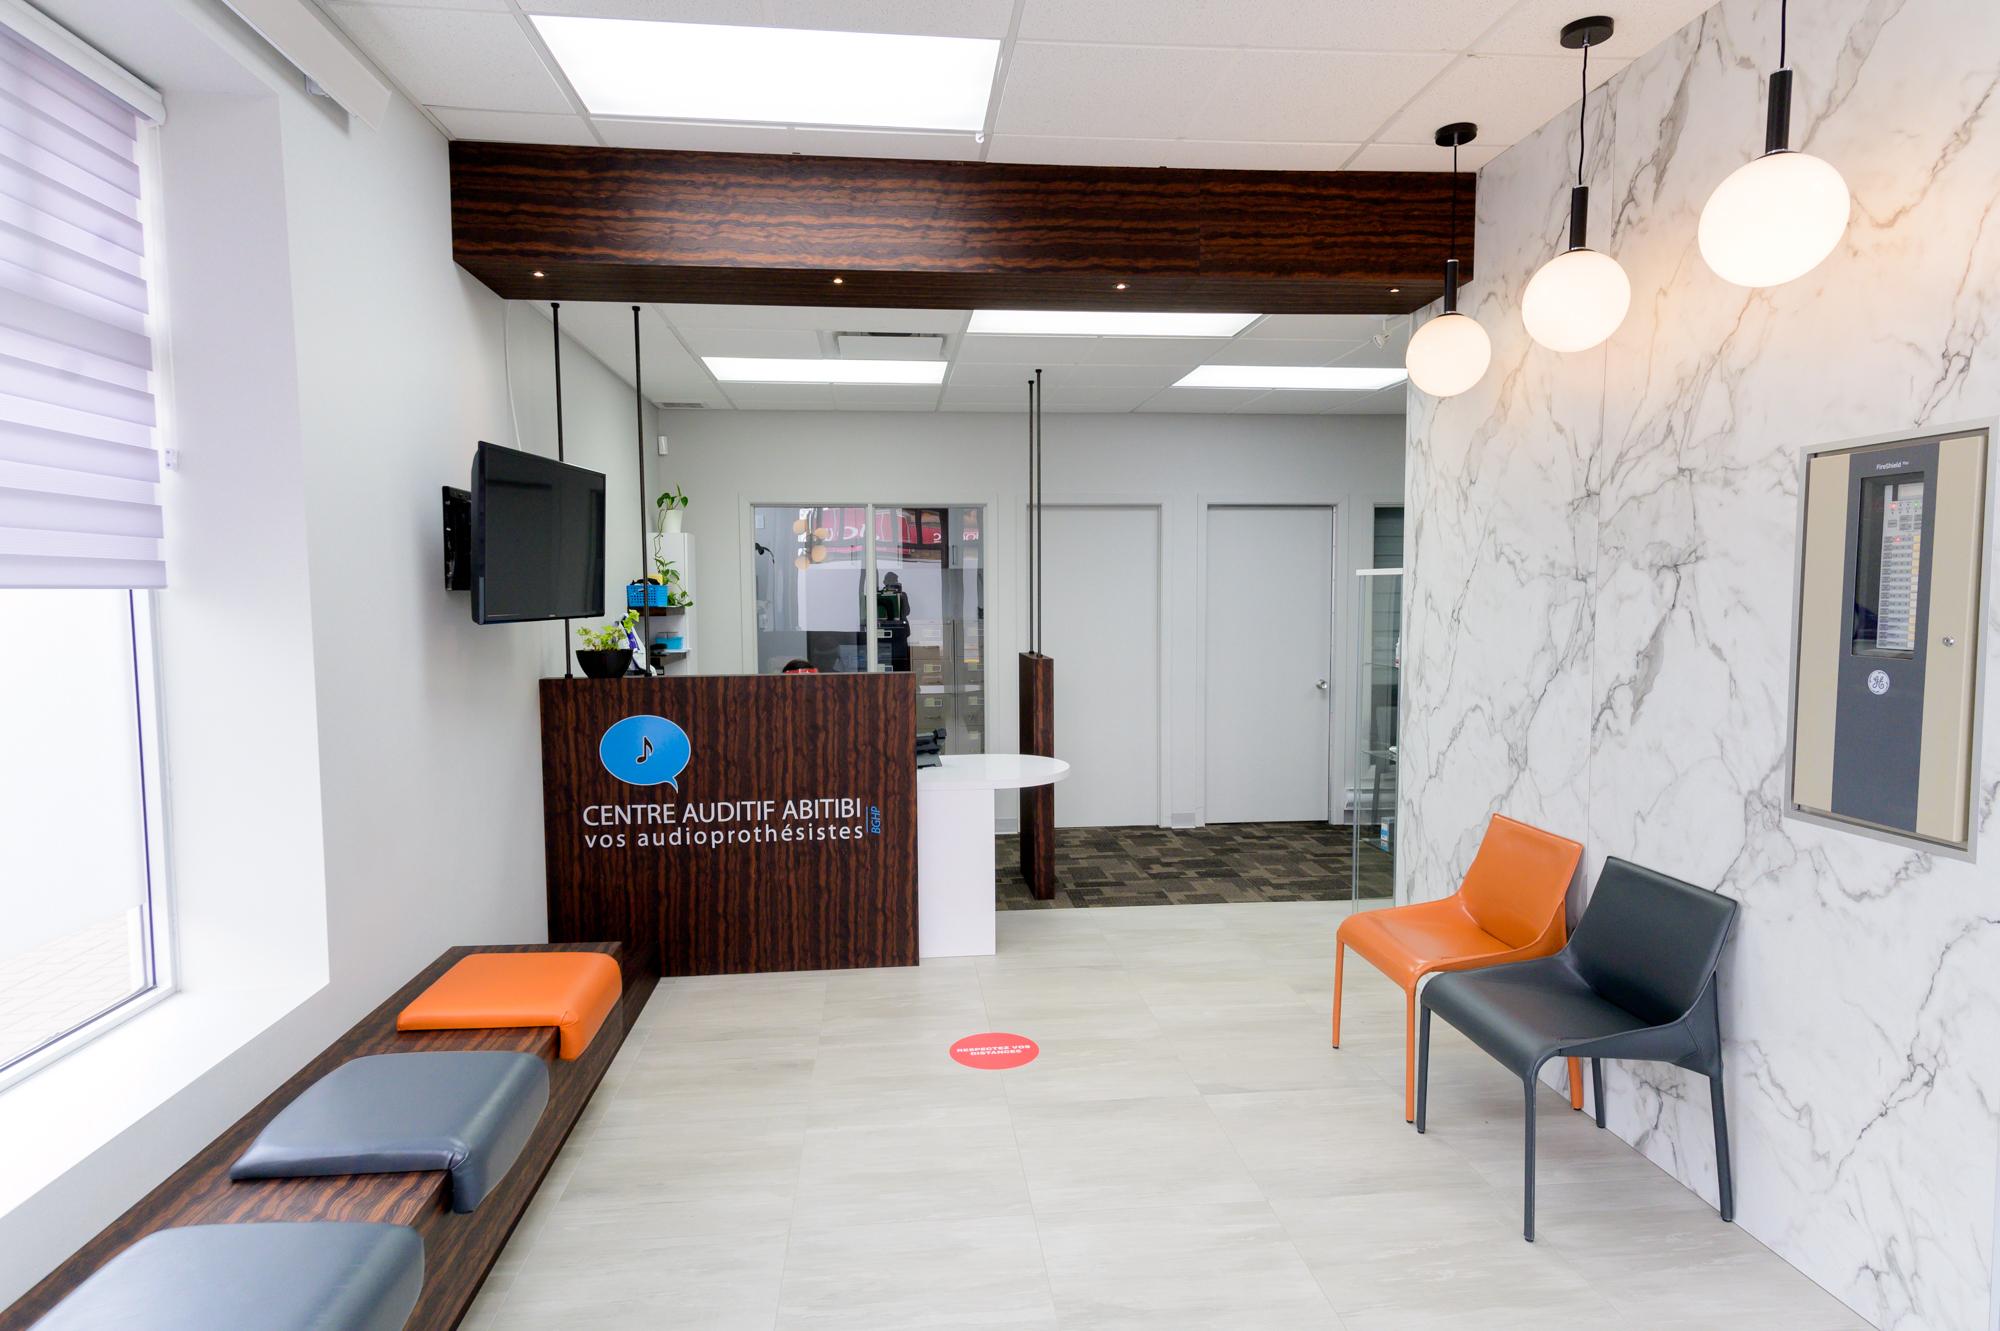 Réalisation design commercial Centre Auditif Abitibi comptoir de réception Struktura 2020